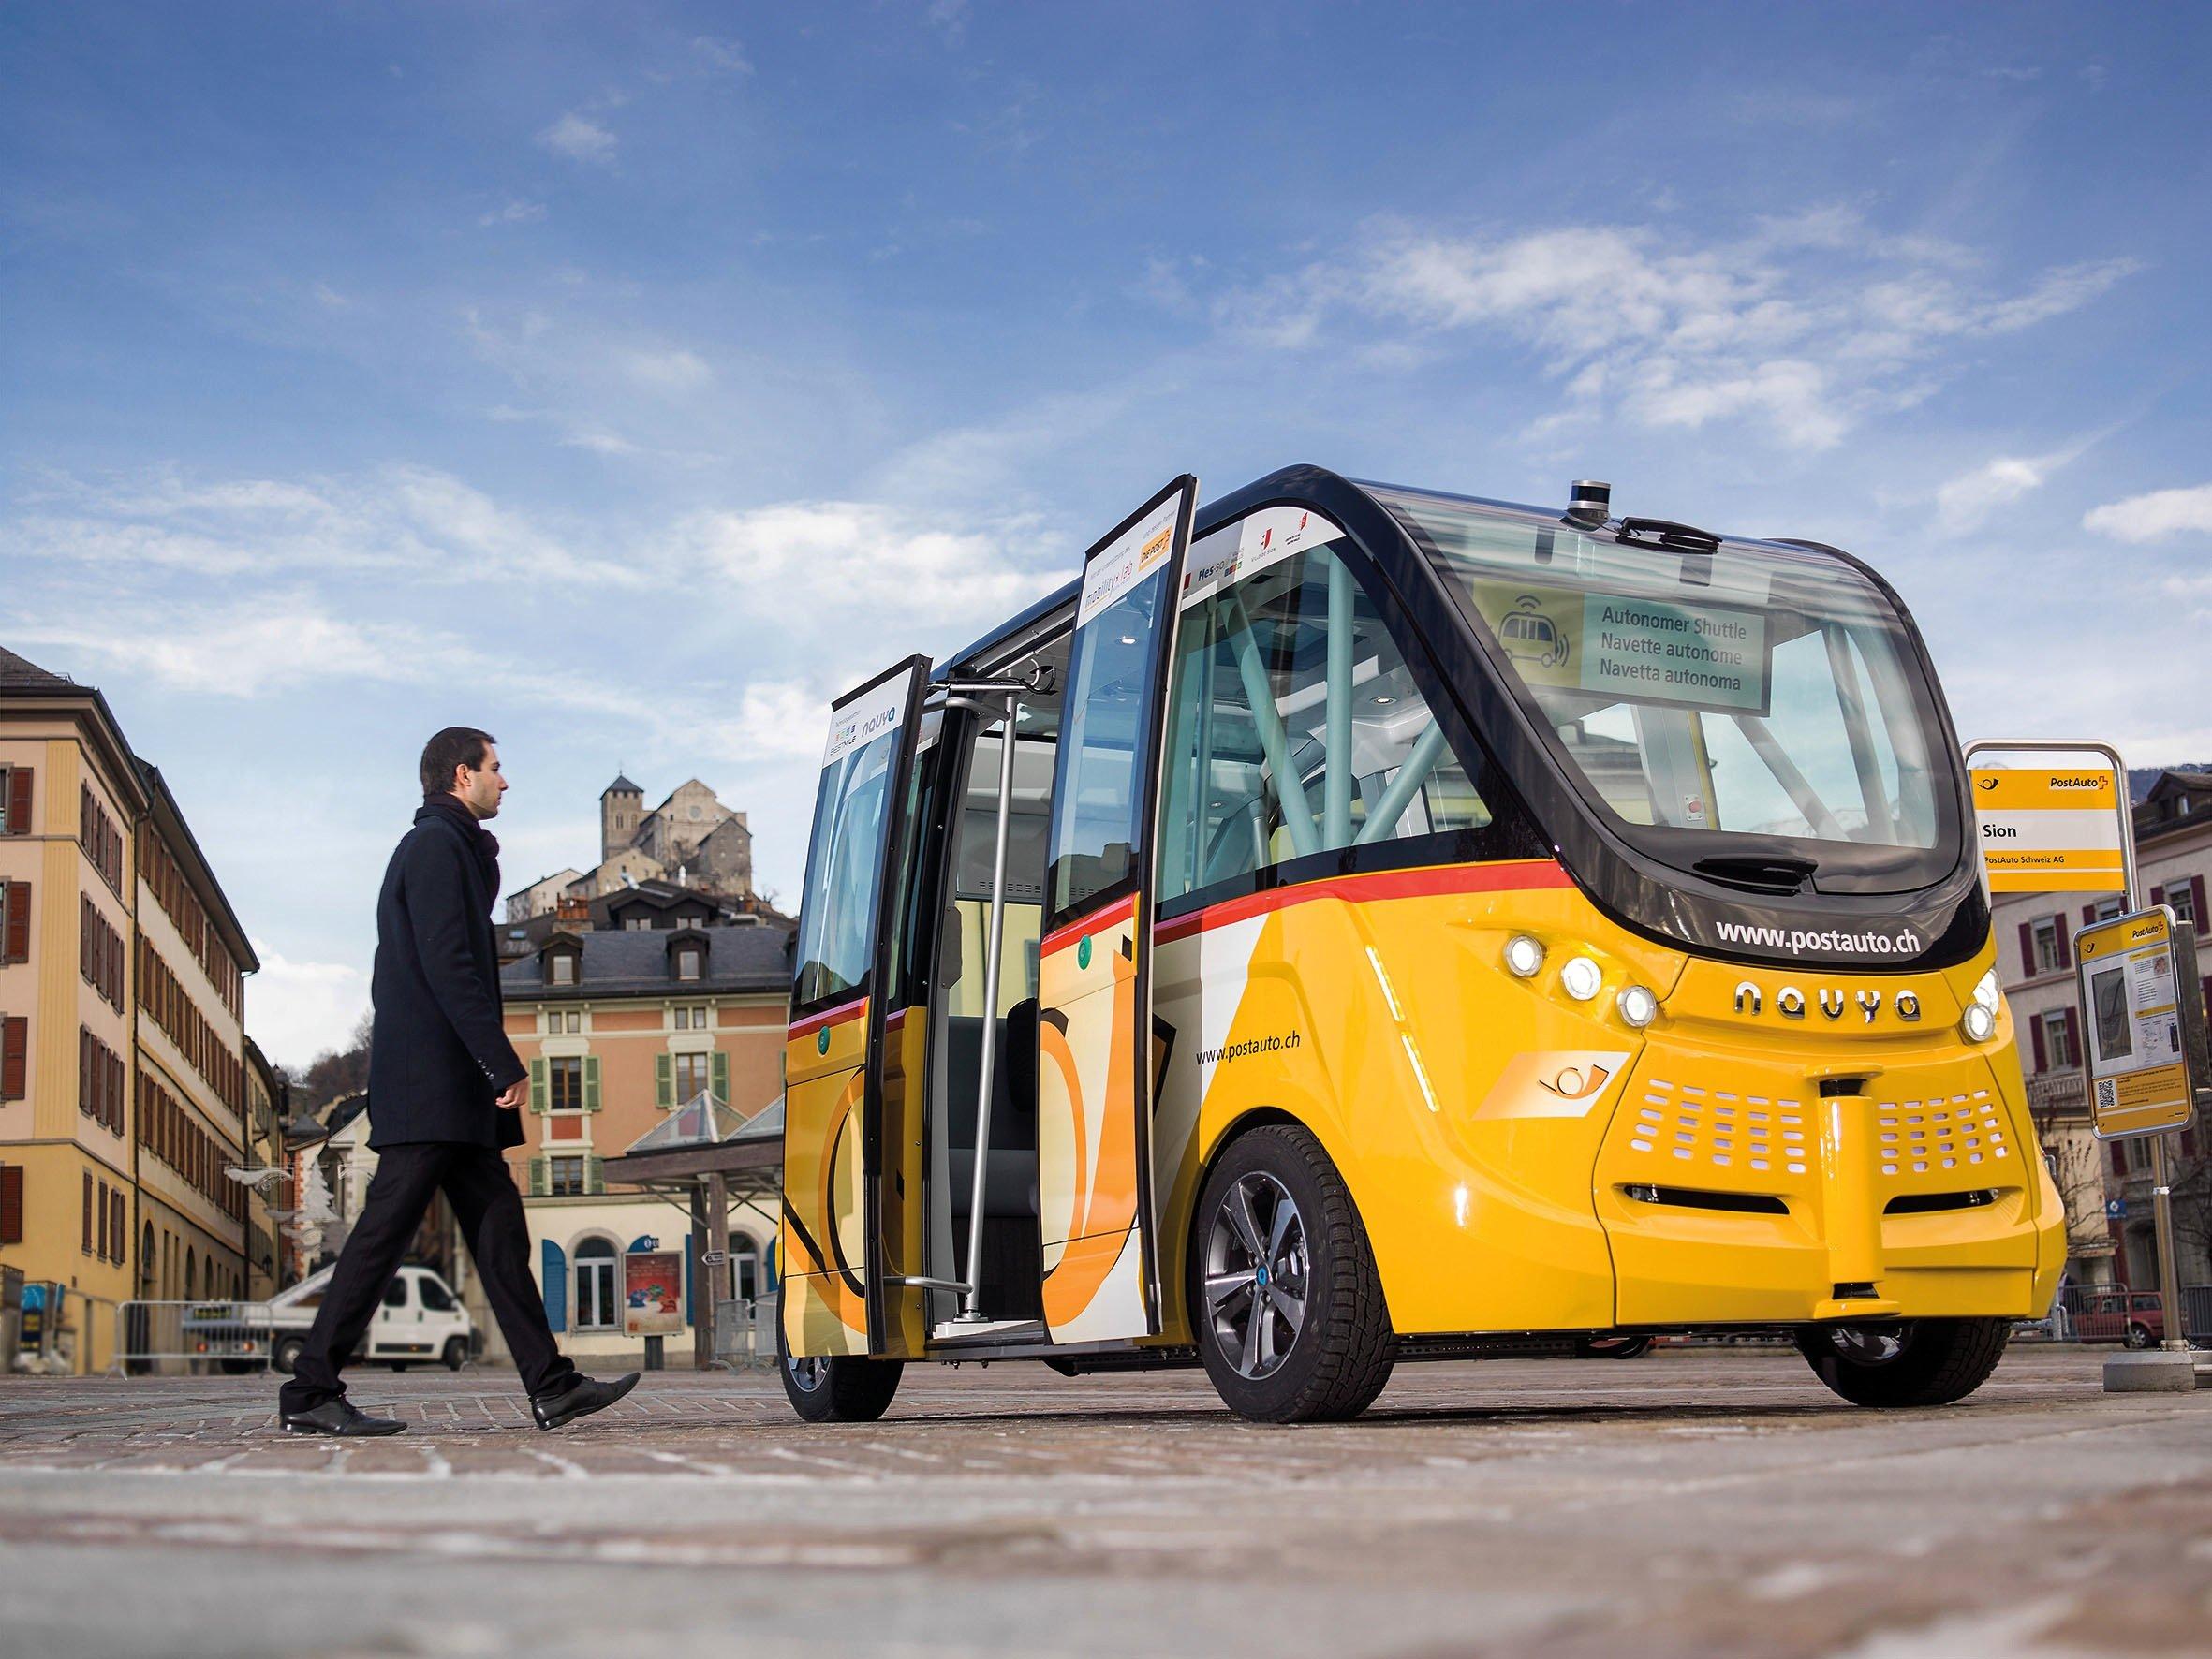 Der neue autonome Bus der Schweizer Post fährt derzeit im Alltagsbetrieb in Sitten Fahrgäste zum Bahnhof.